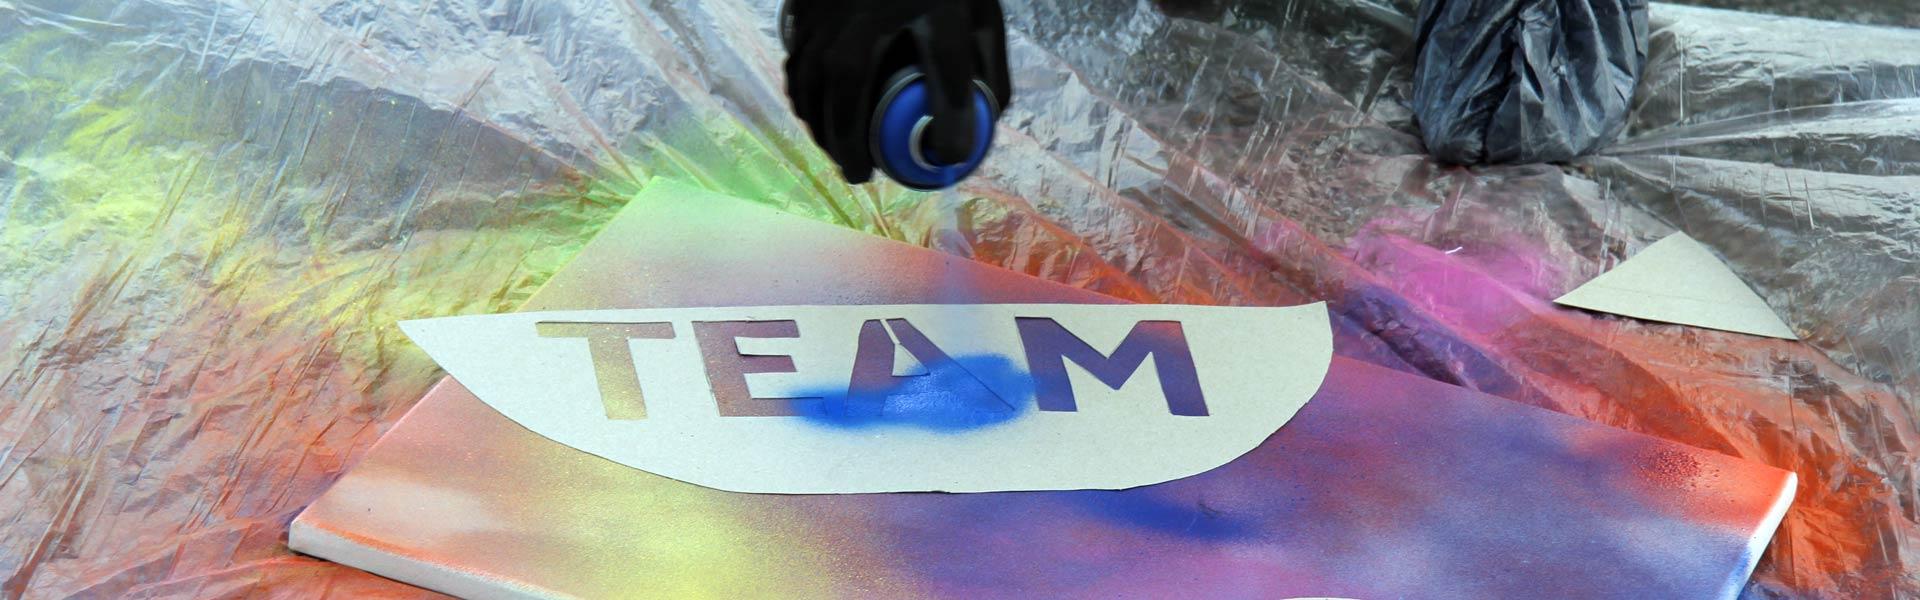 Beim Teamevent Graffiti Workshop entstehen durch viele Farben tolle Kunstwerke - b-ceed